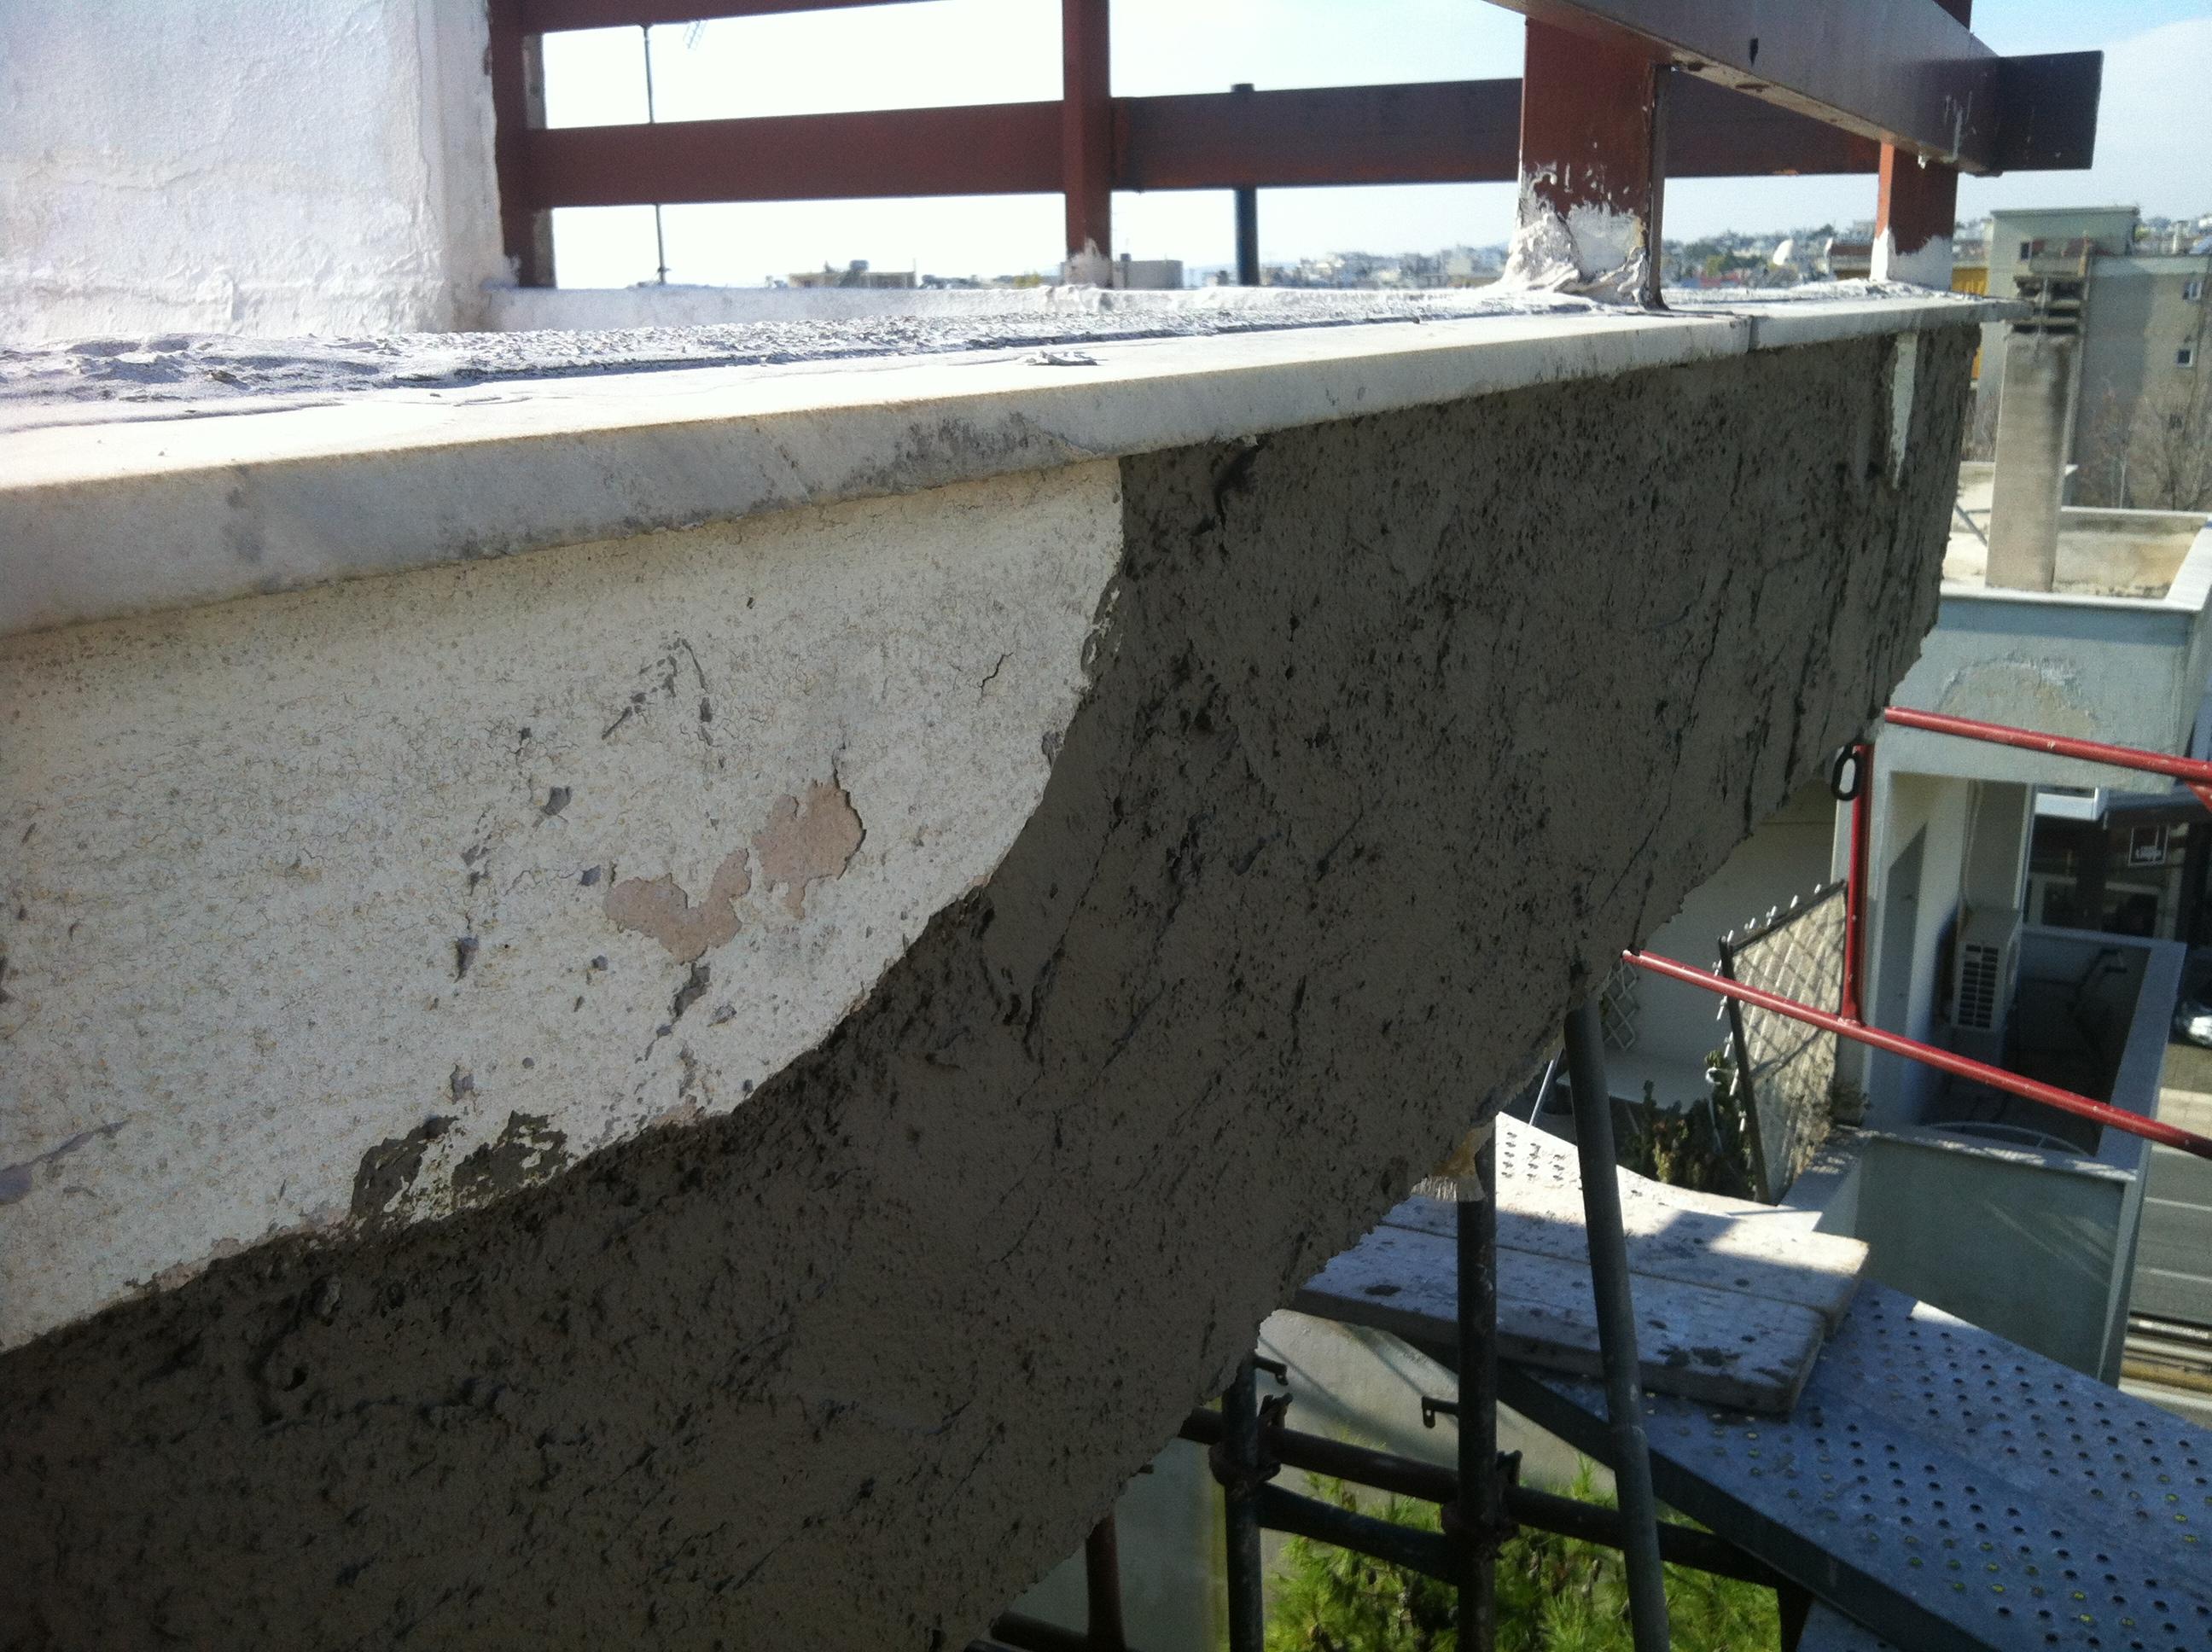 Αποκατάσταση επιχρισμάτων σε στον 5ο όροφο πολυκατοικίας στο Μαρούσι